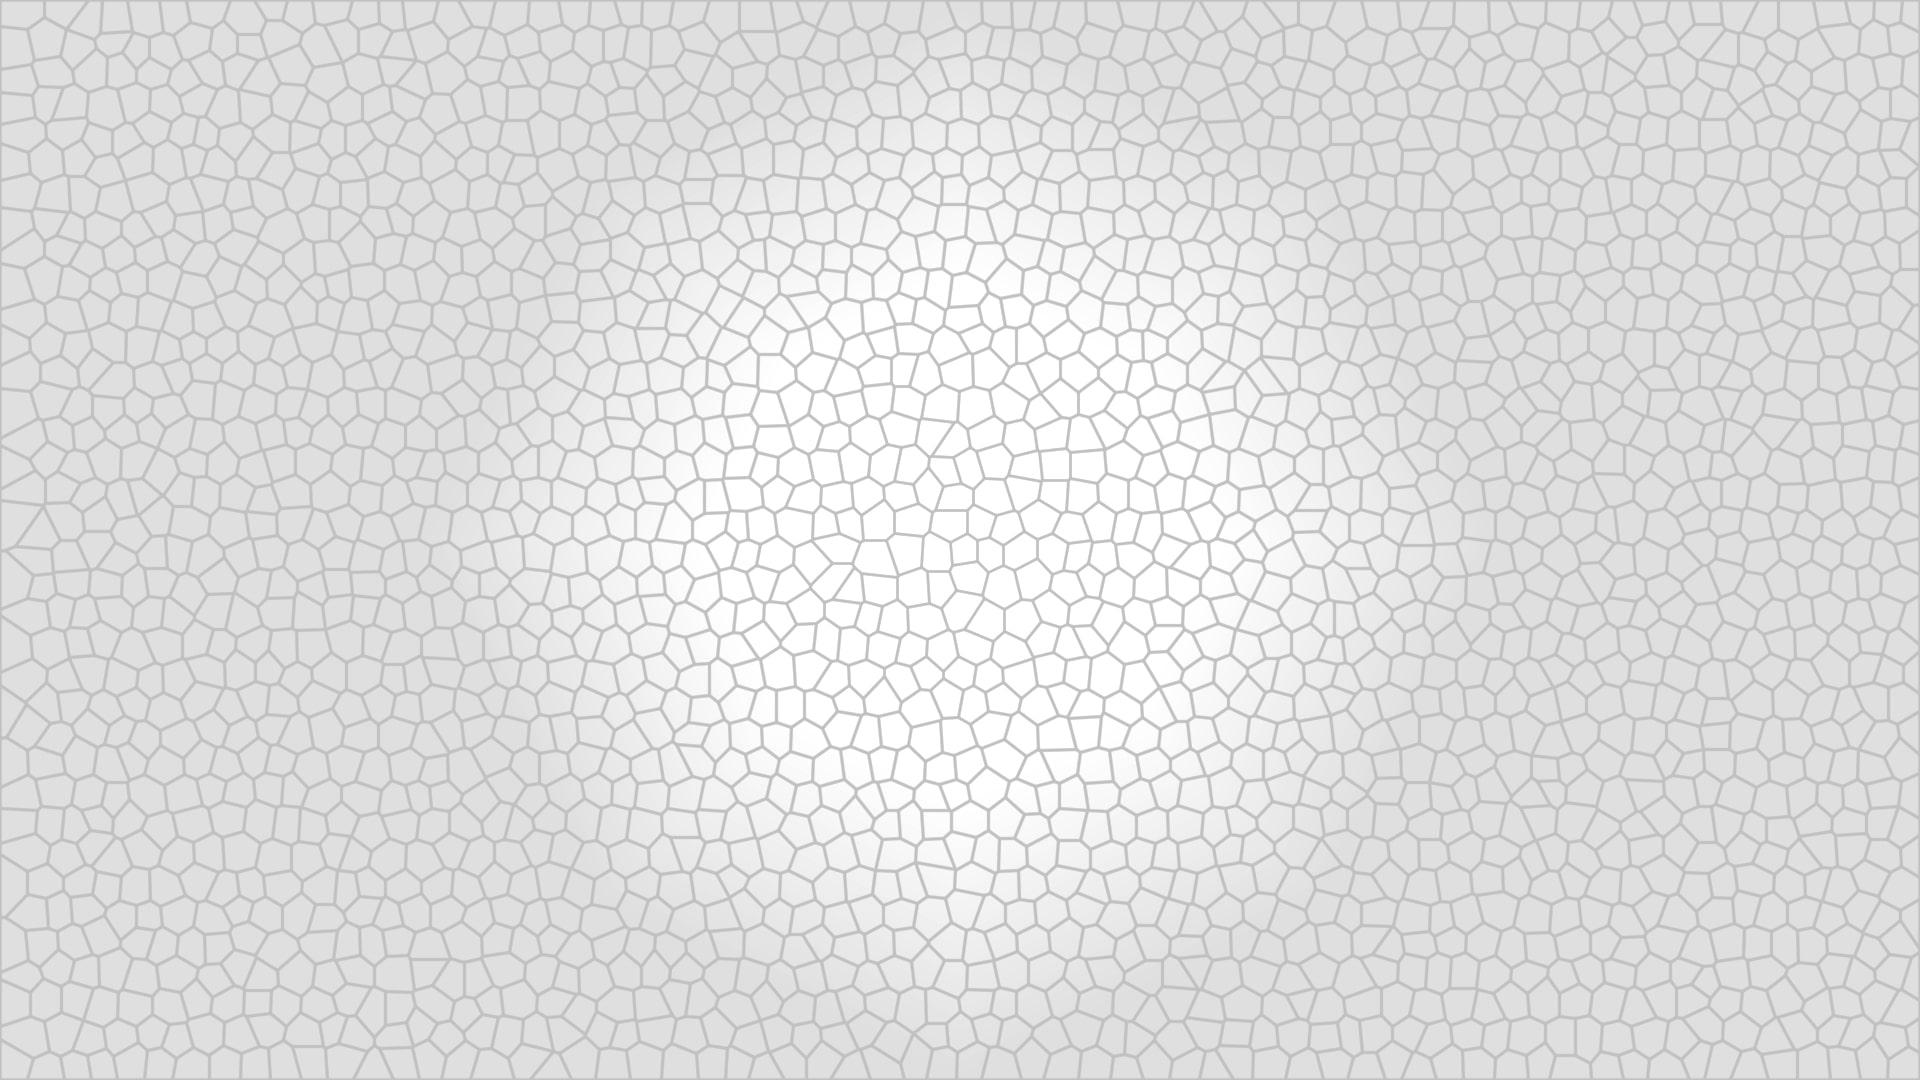 ステンドグラス壁紙背景画像_gray